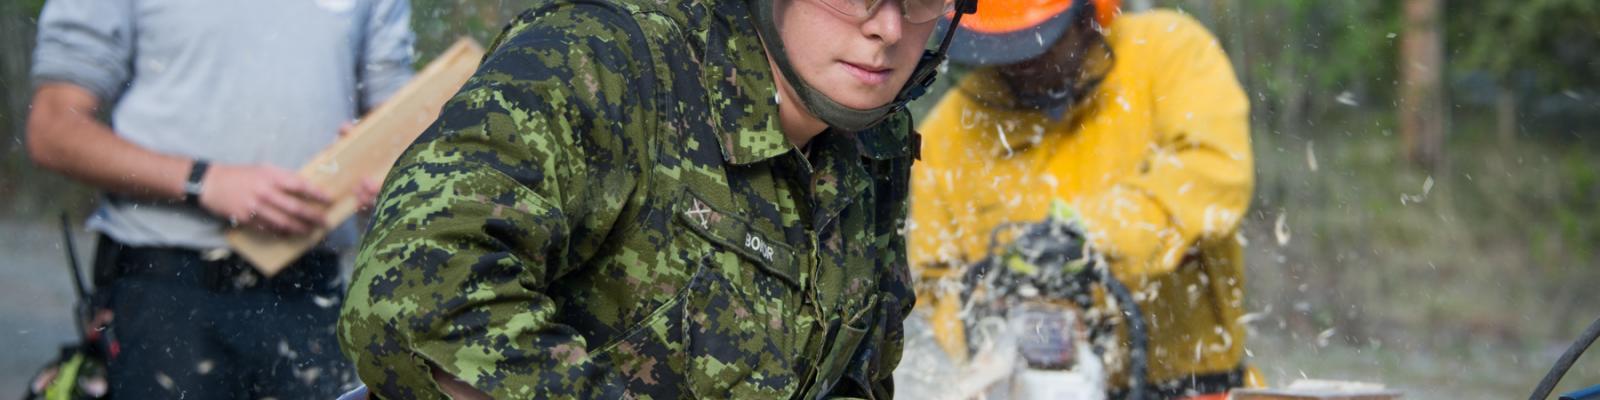 Corporal Laura Bokor steadies a board while participating   La caporal Laura Bokor tient fermement une planche lors de sa participation à une formation sur la construction de structures en campagne au cours de l'opération NANOOK-TATIGIIT 19, à Whitehorse, au Yukon, le 28 mai 2019.